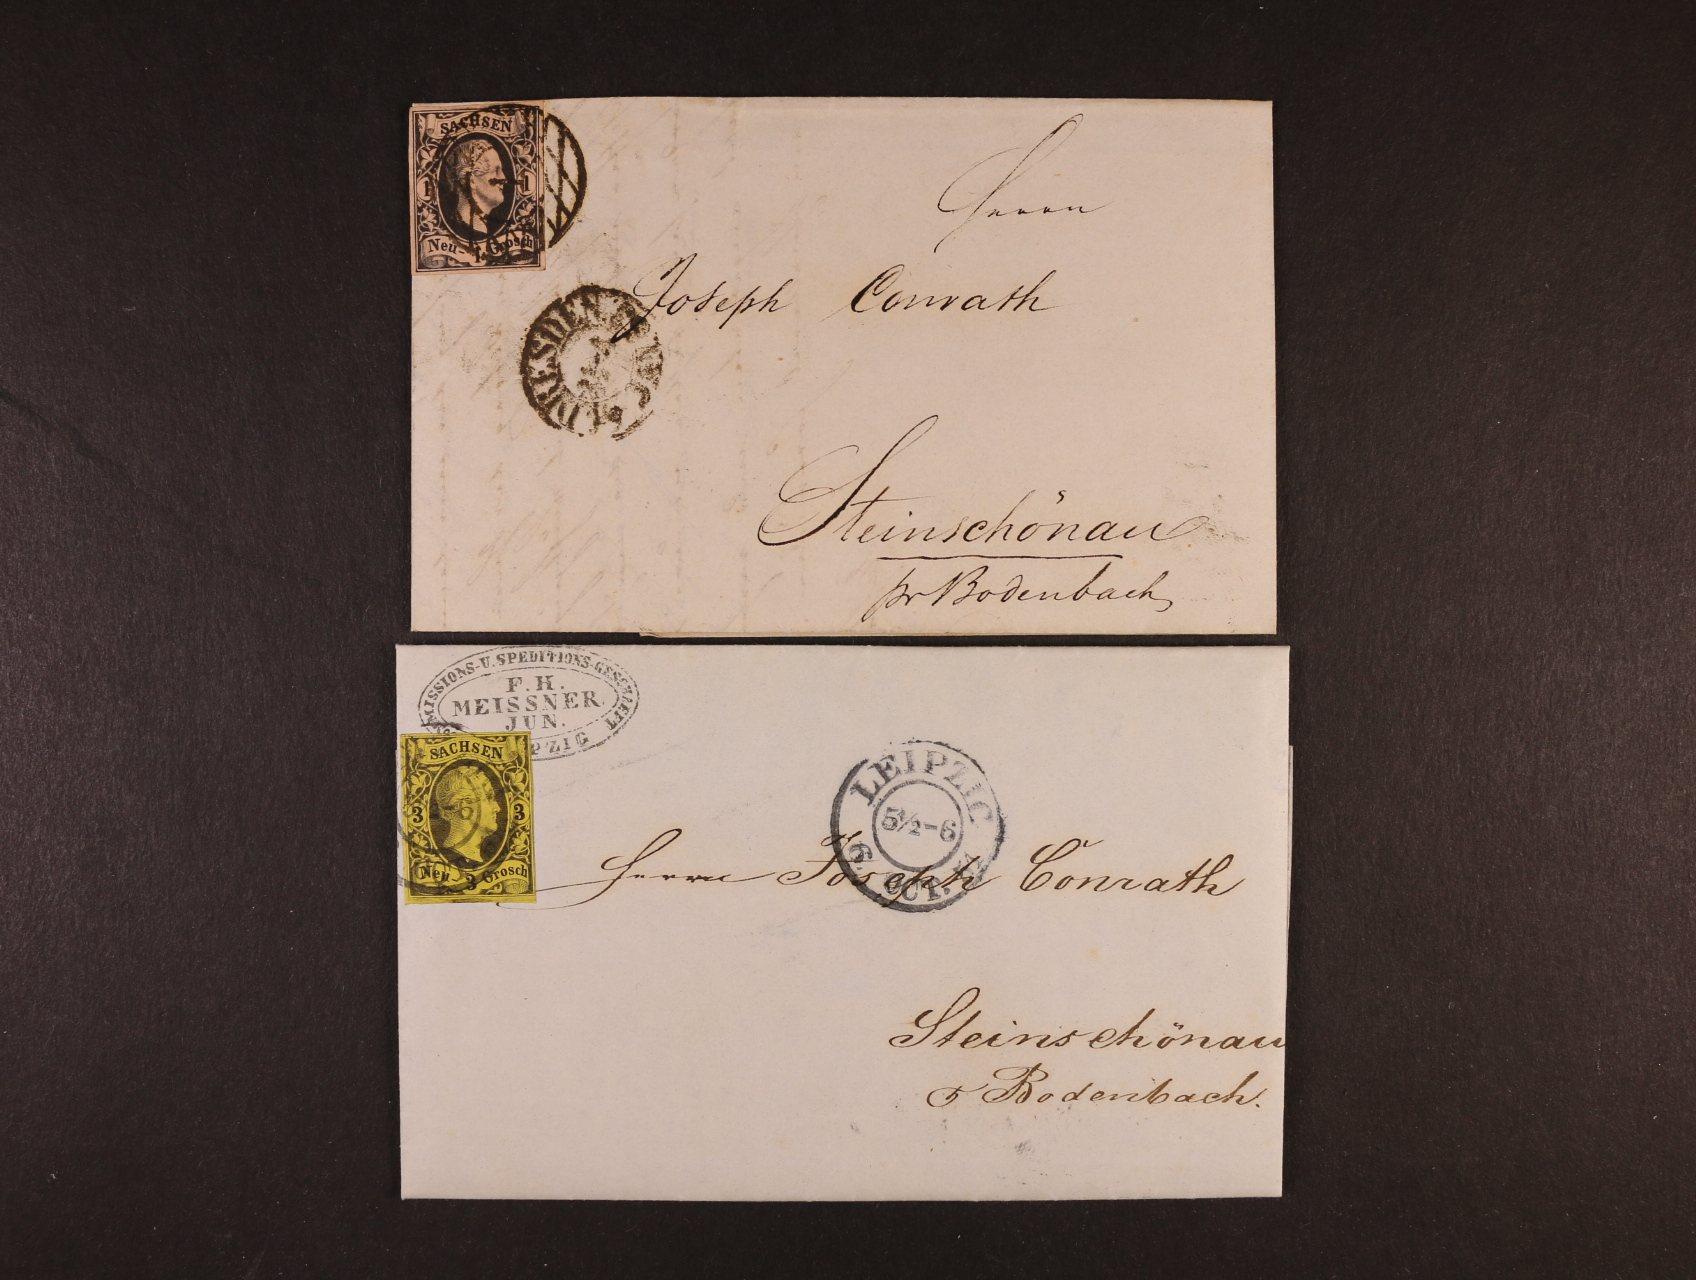 Sachsen - skl. dopis z r. 1851 frank. zn. Mi. č. 6 s pod. raz. LEIPZIG a dtto z r. 1853 frank. zn. Mi. 4, znehodnoc. čís. raz. + denní raz. DRESDEN, velmi dobrá kvalita